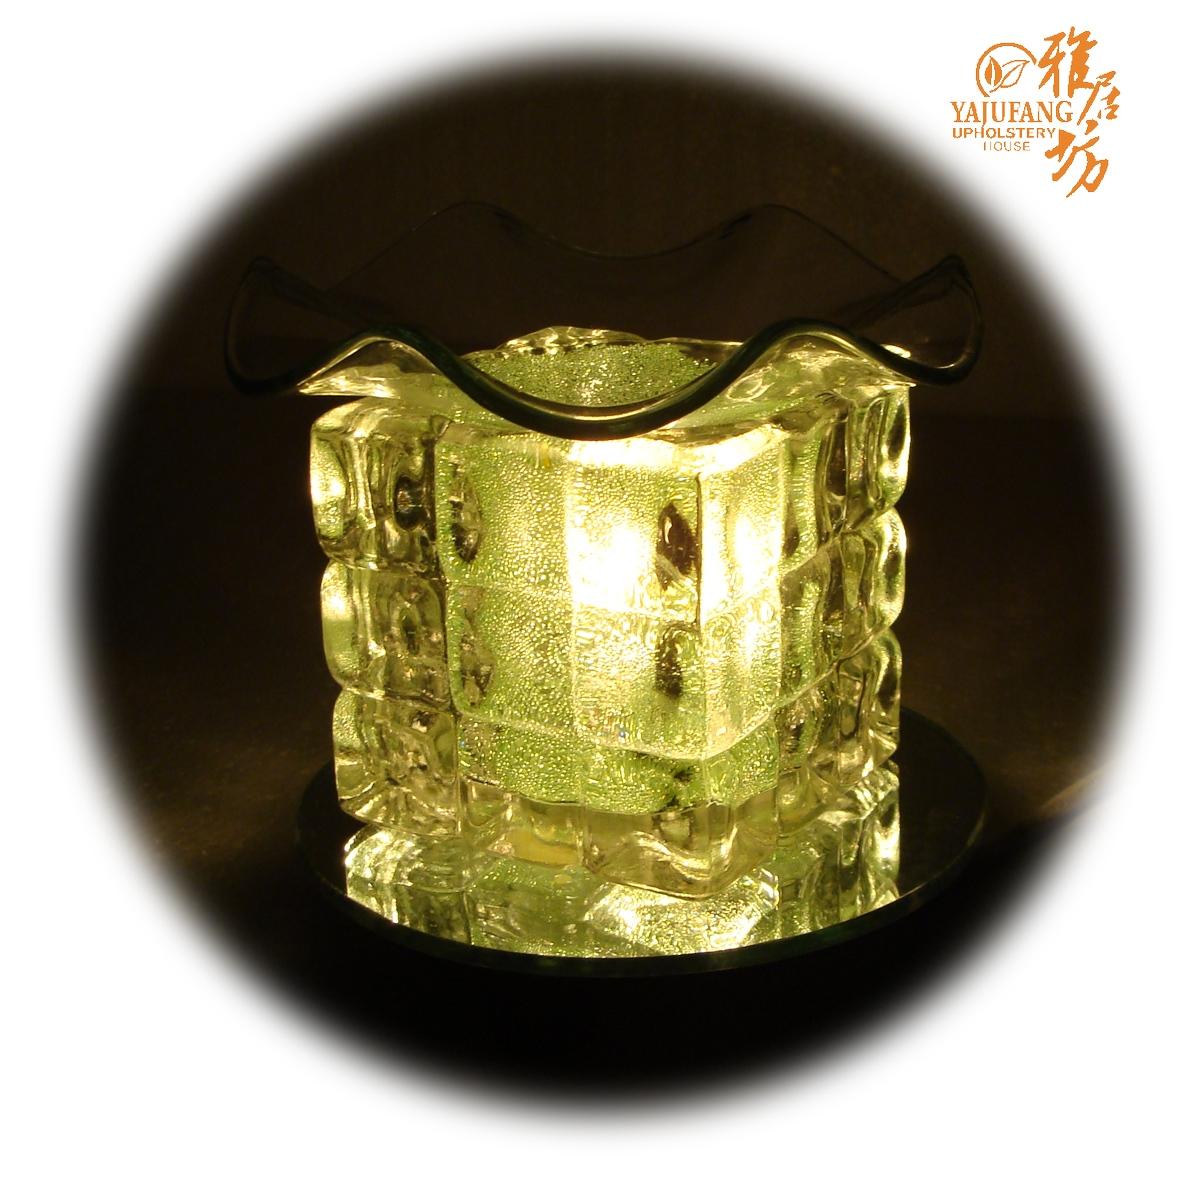 Ароматическая лампа, посуда The Agile Square